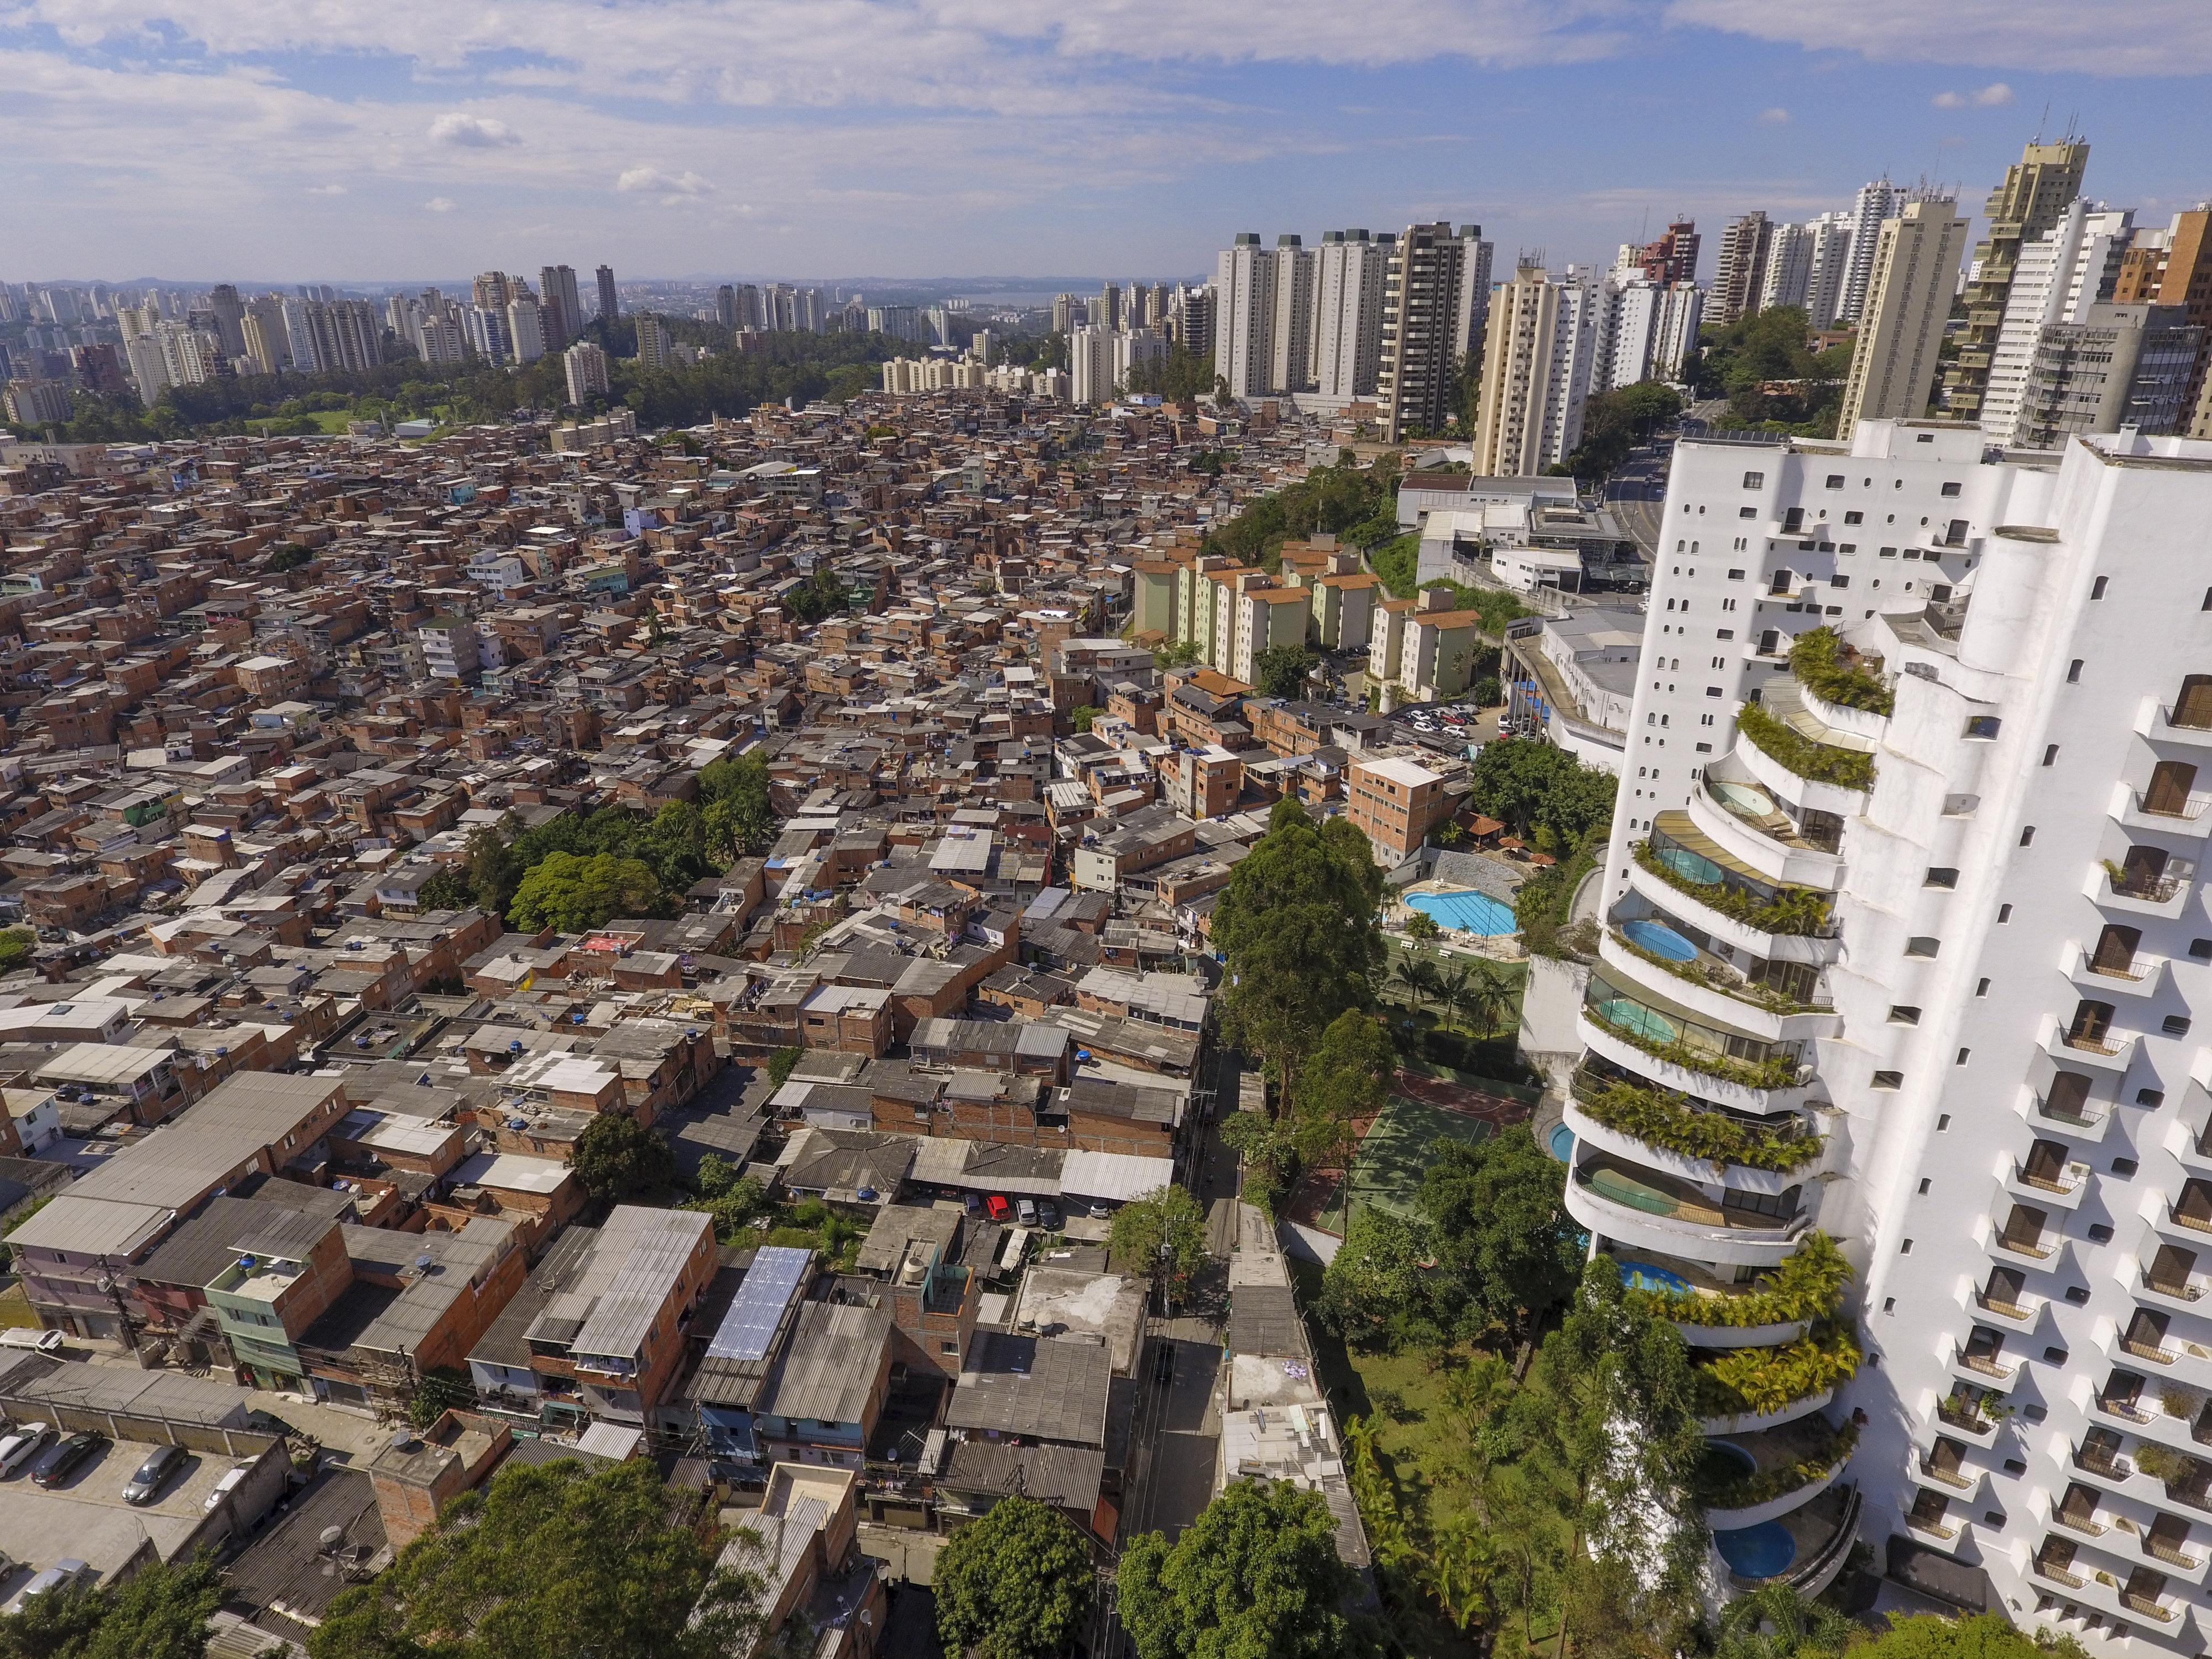 Ανισότητα, ώρα μηδέν: 26 δισεκατομμυριούχοι κατέχουν ίσο πλούτο με το φτωχότερο 50% της Γης